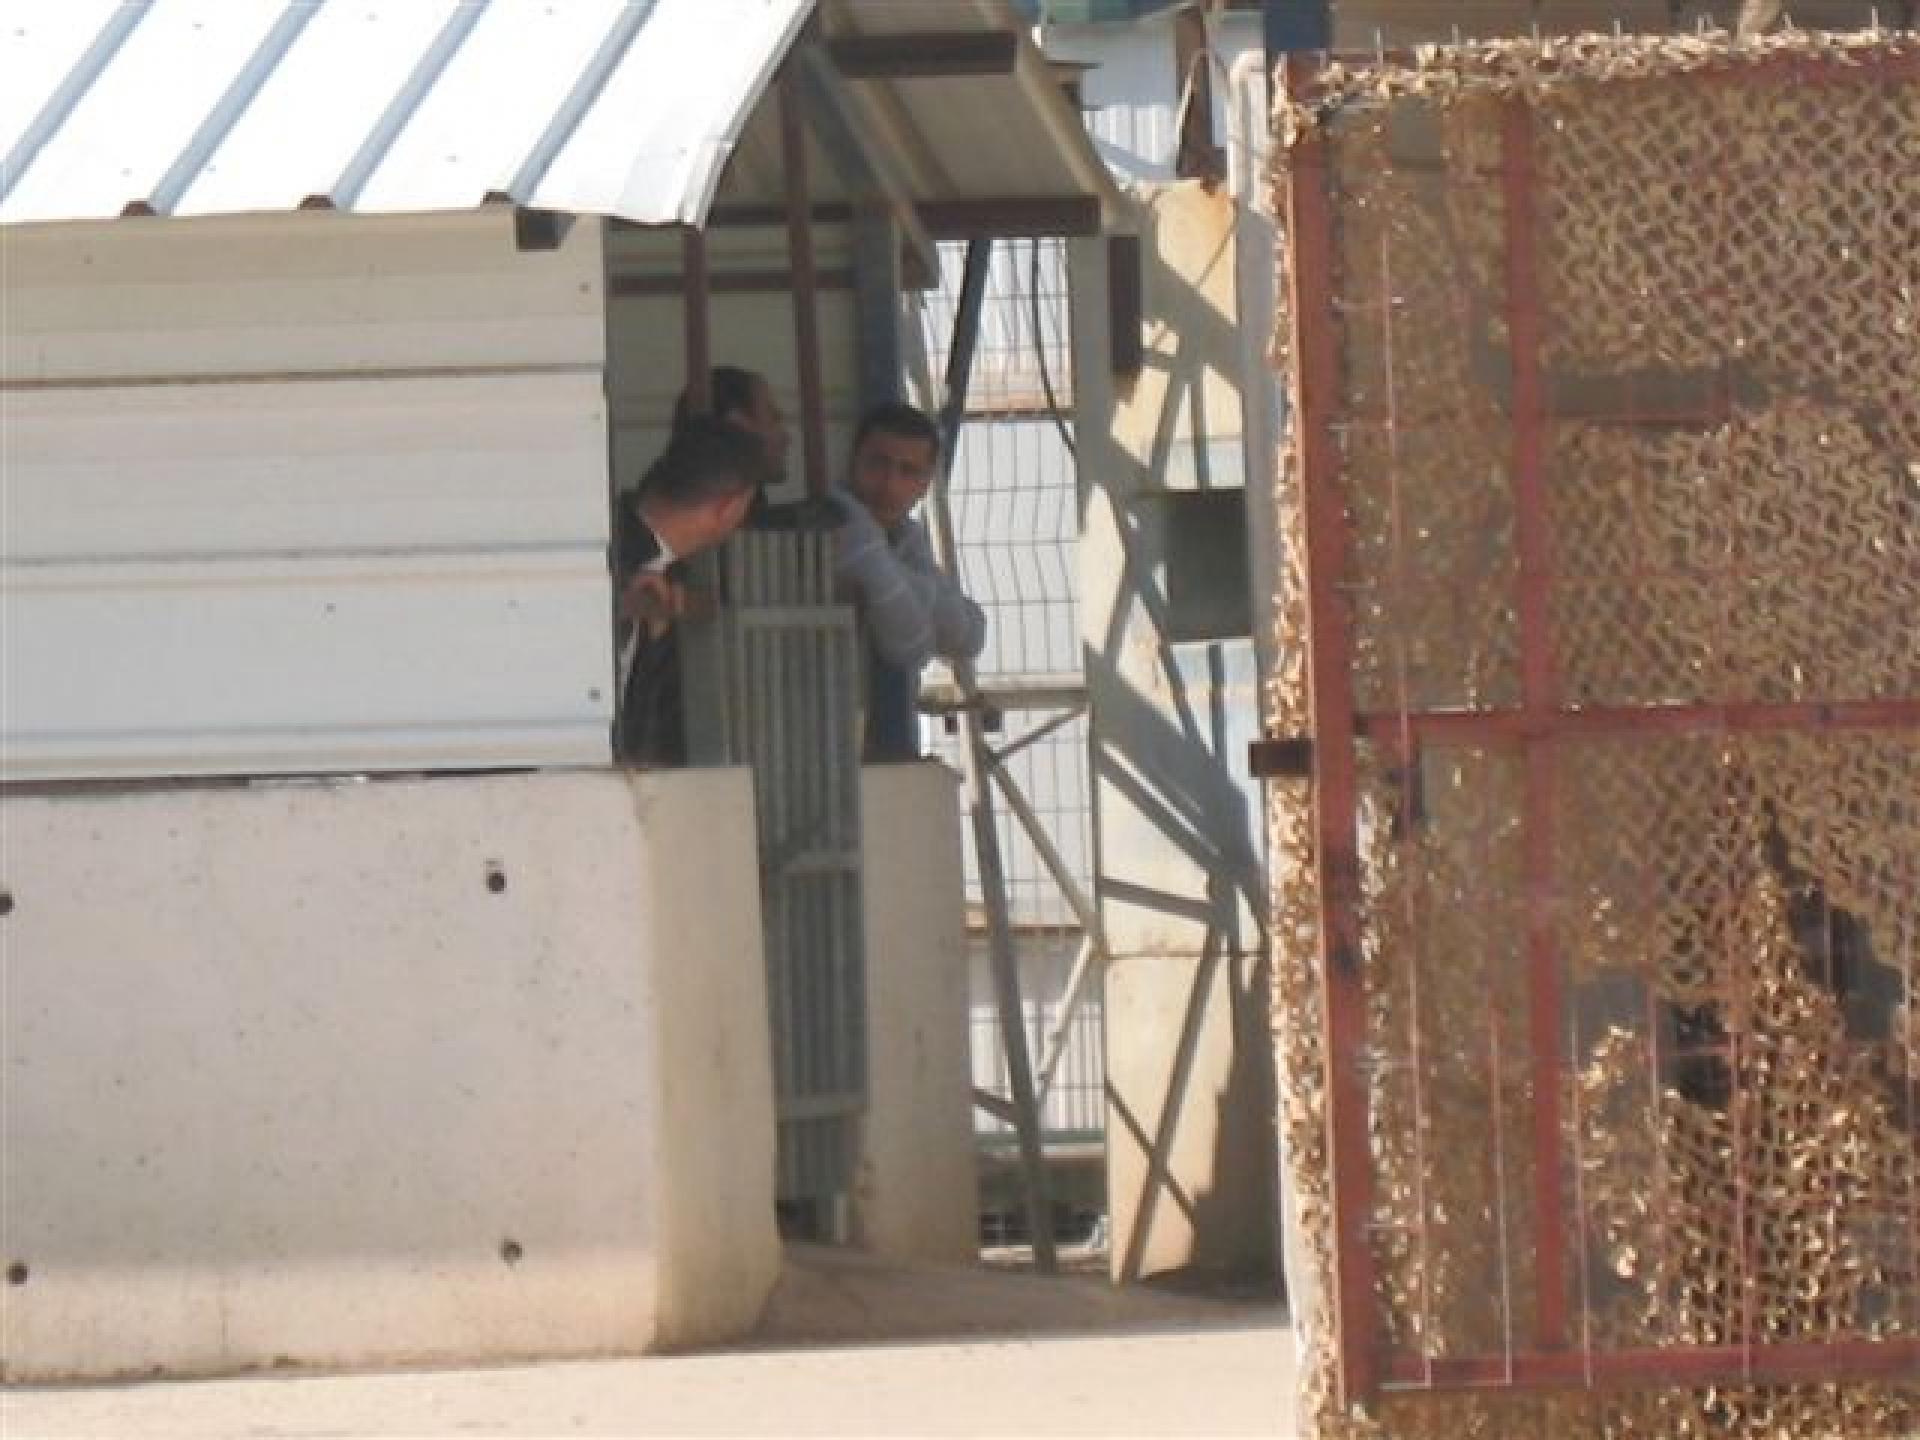 Hamra/Beqaot checkpoint 22.01.13